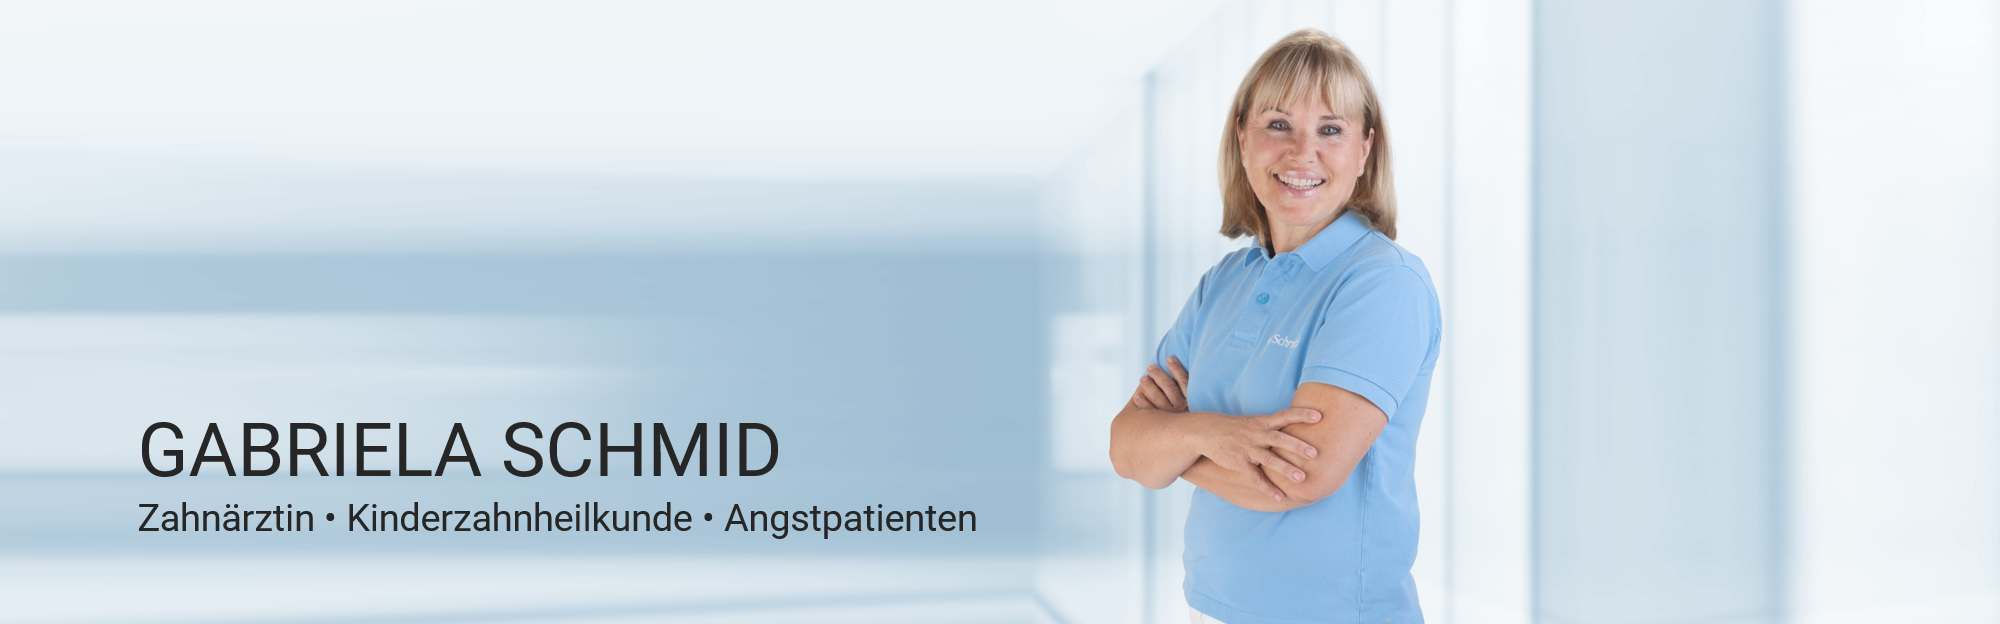 Kinderzahnärztin Gabriela Schmid | Zahnärztin für Angstpatienten